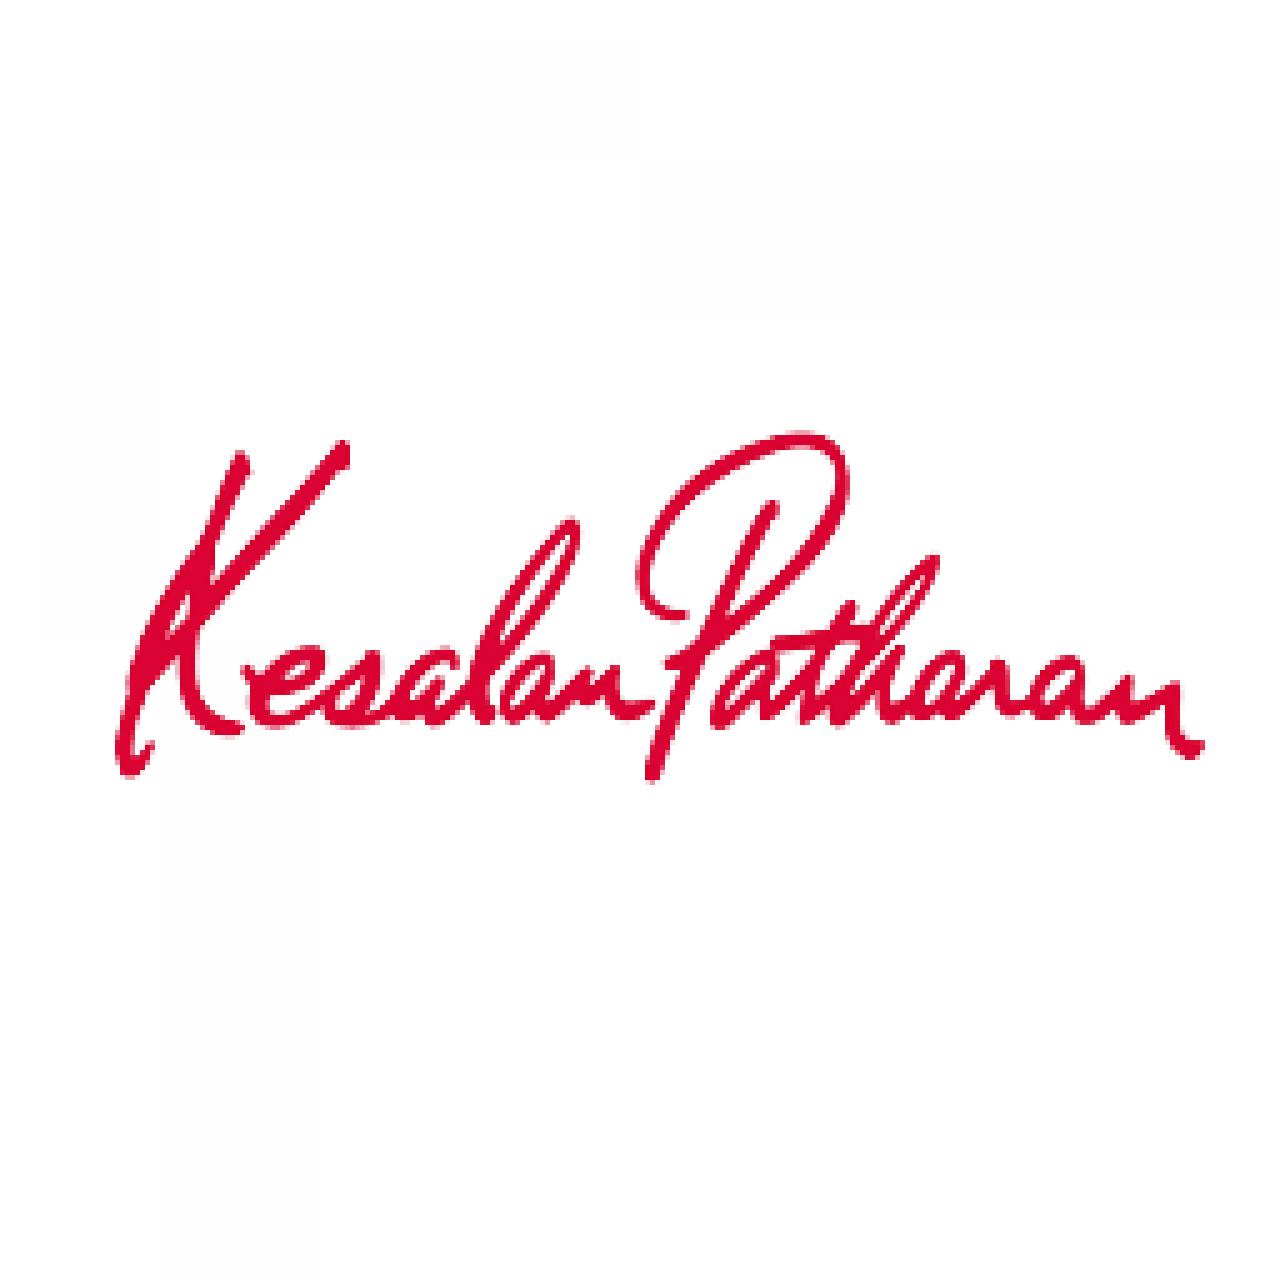 Kesalan Patharan ロゴ